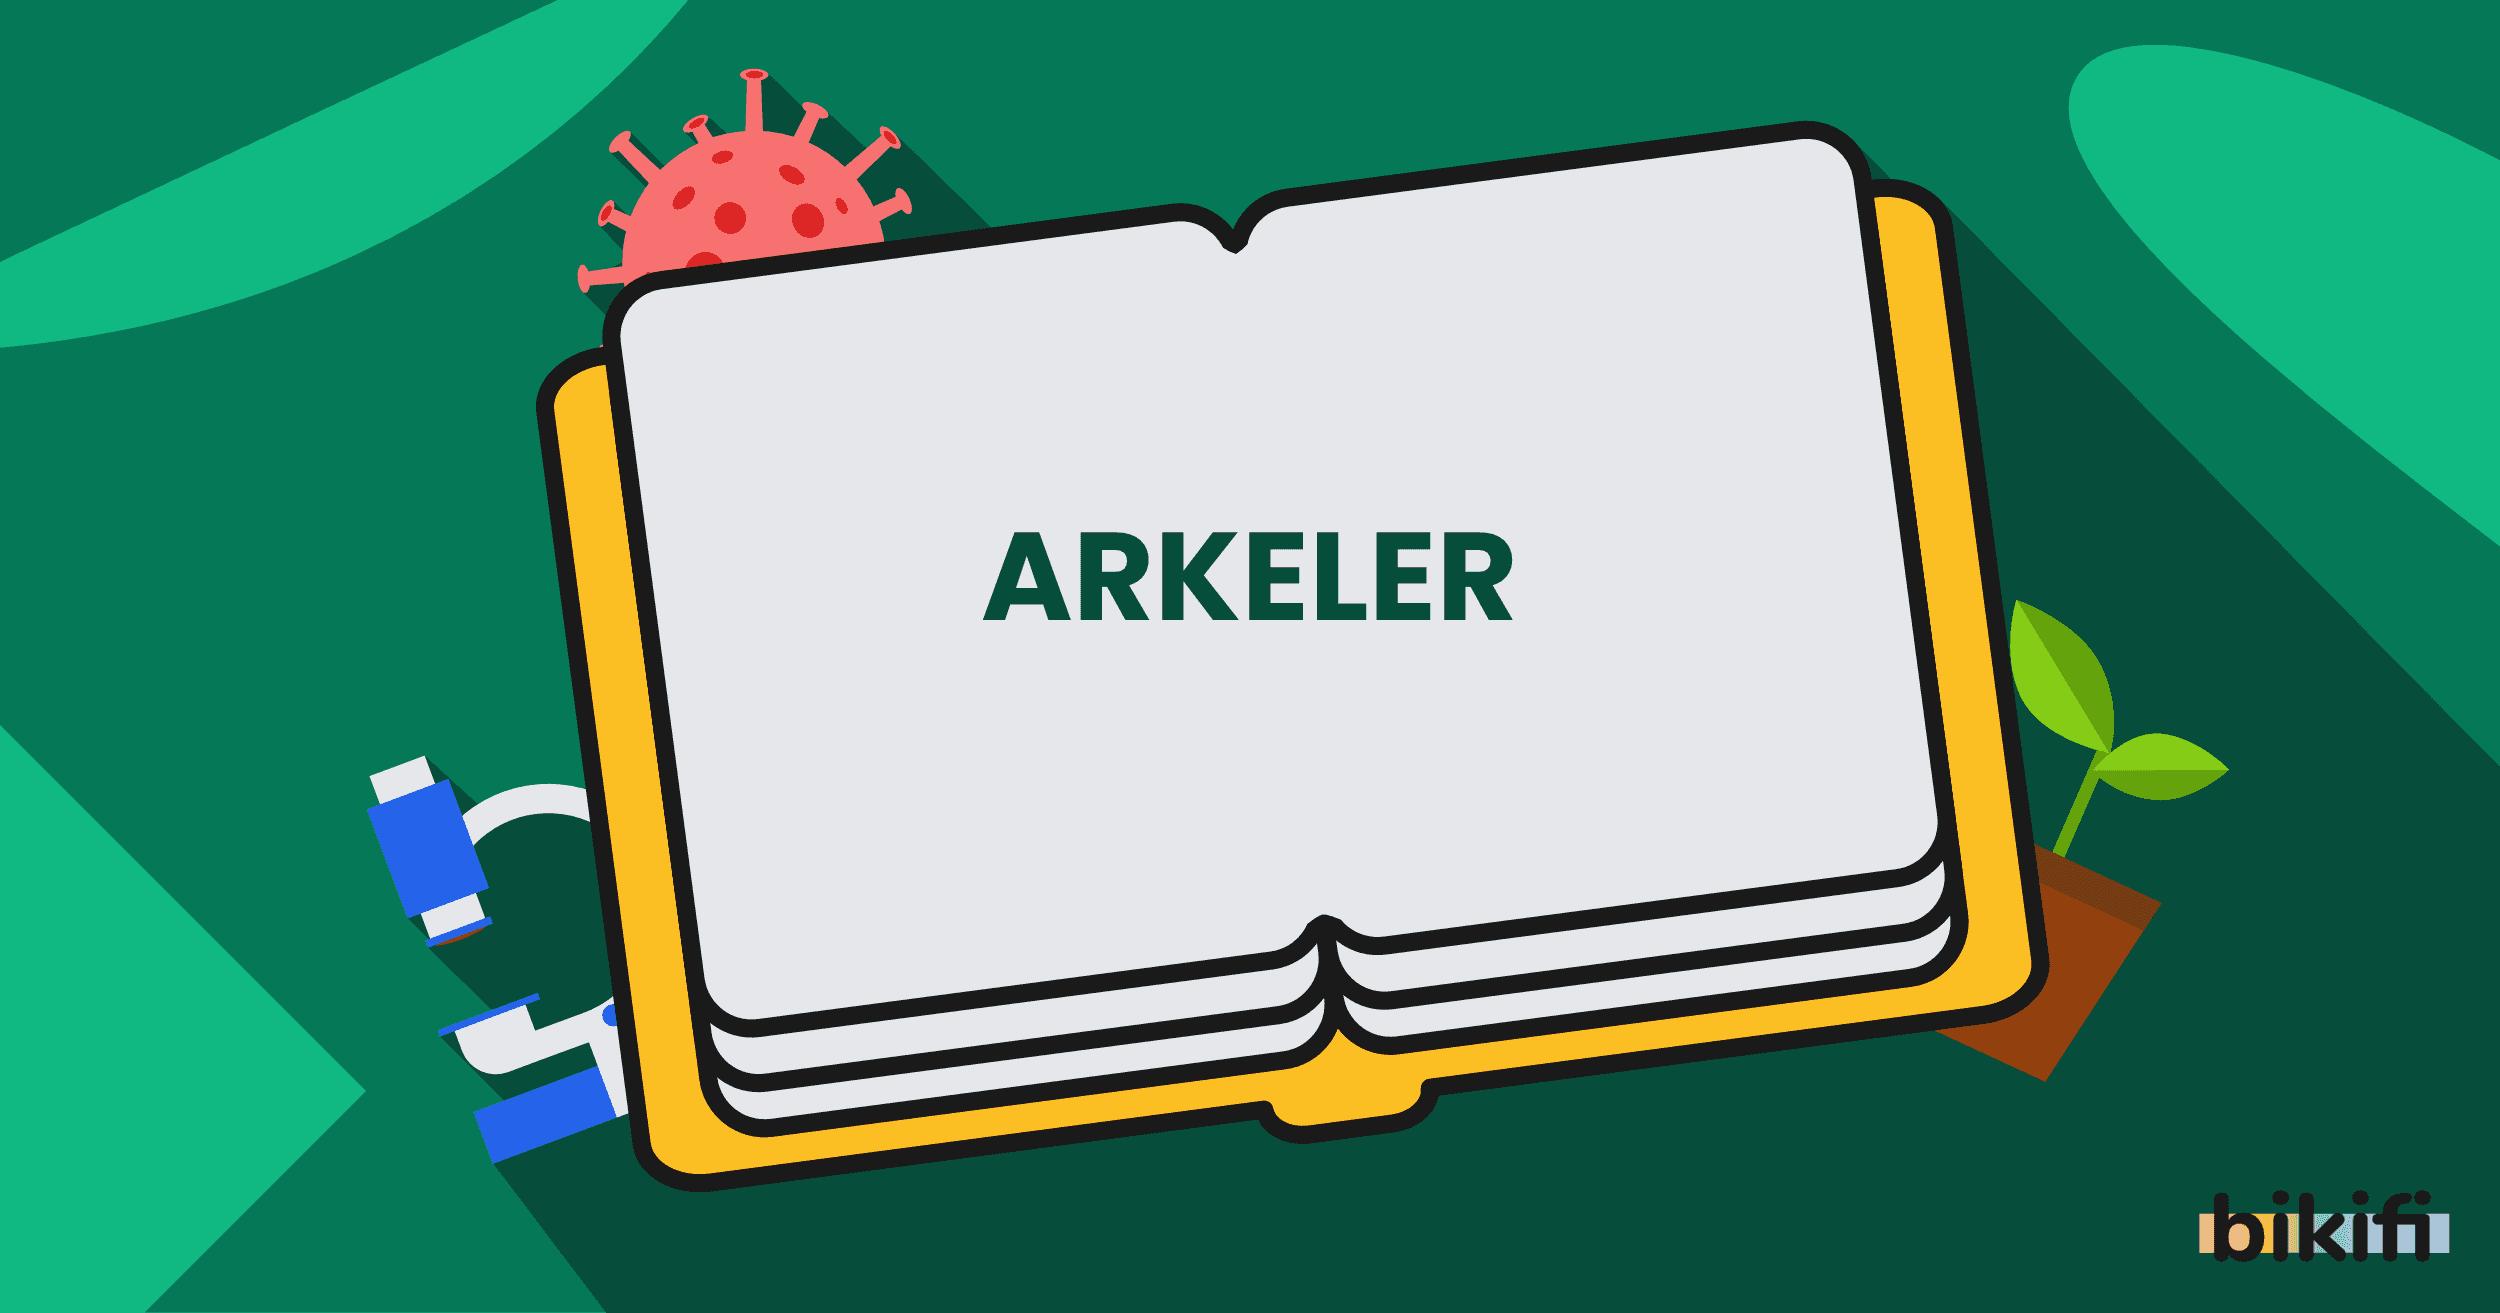 Arkeler